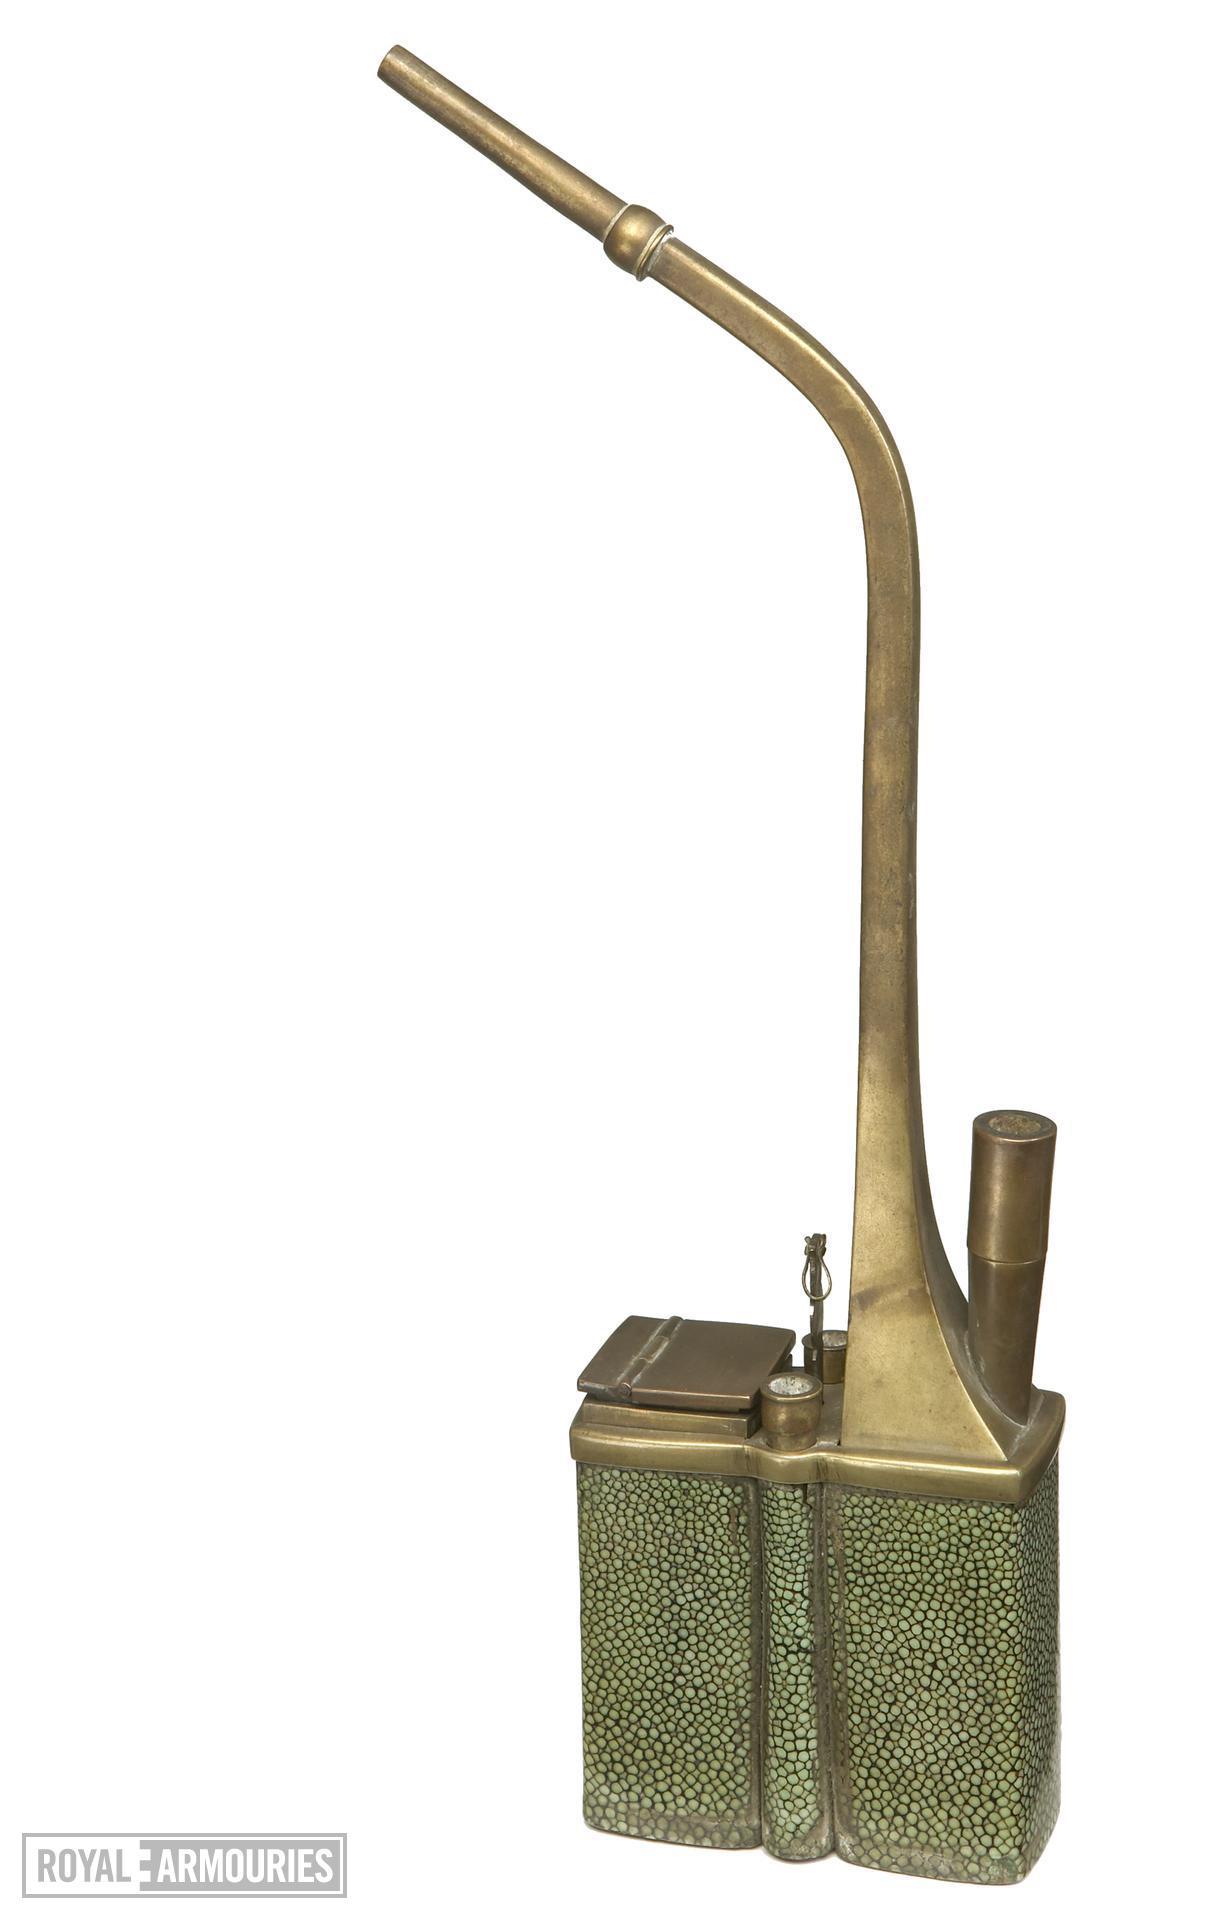 Opium pipe. Chinese, 19th century (XVIII.549)